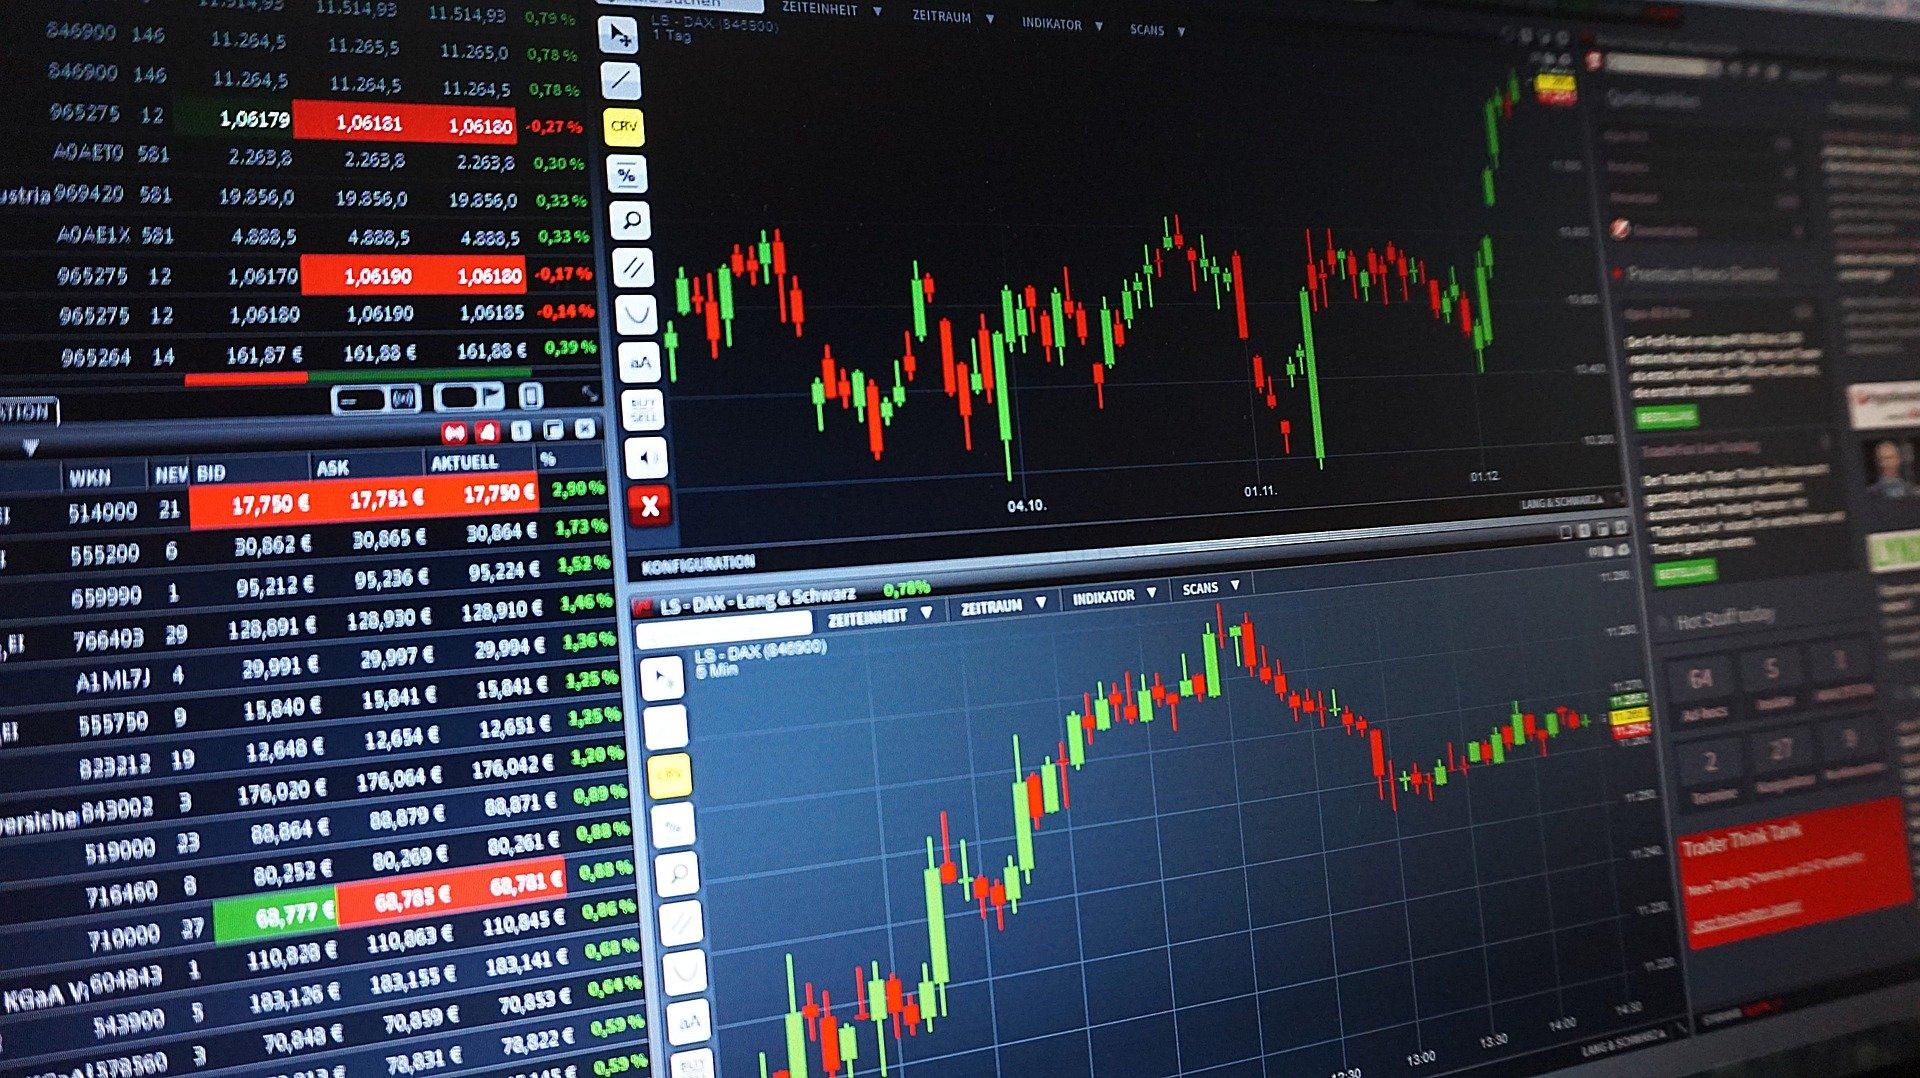 Aandelen brokers vergelijken in drie eenvoudige stappen